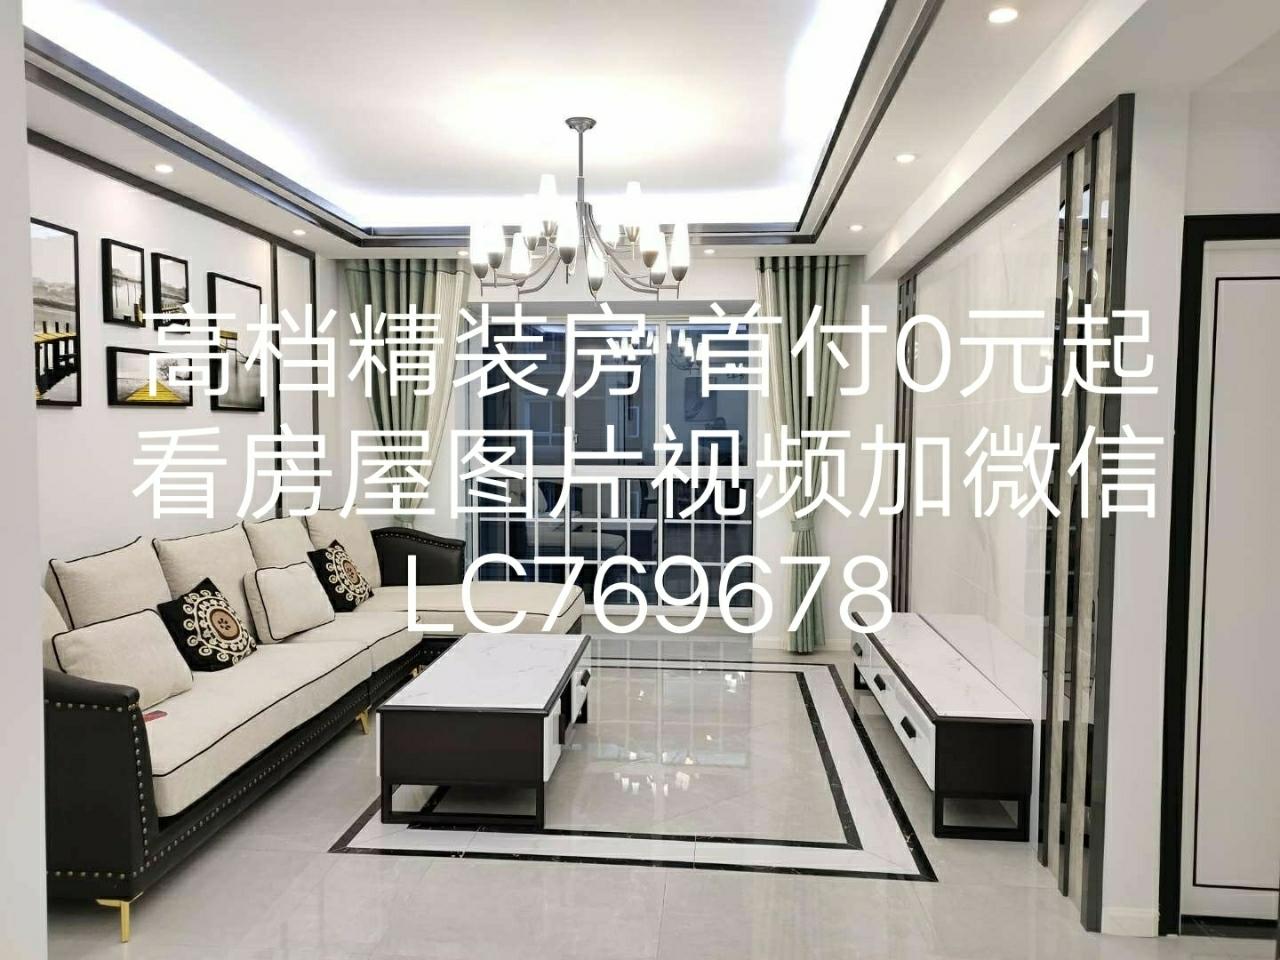 C198踏水桥3室2厅2卫精装140平47万